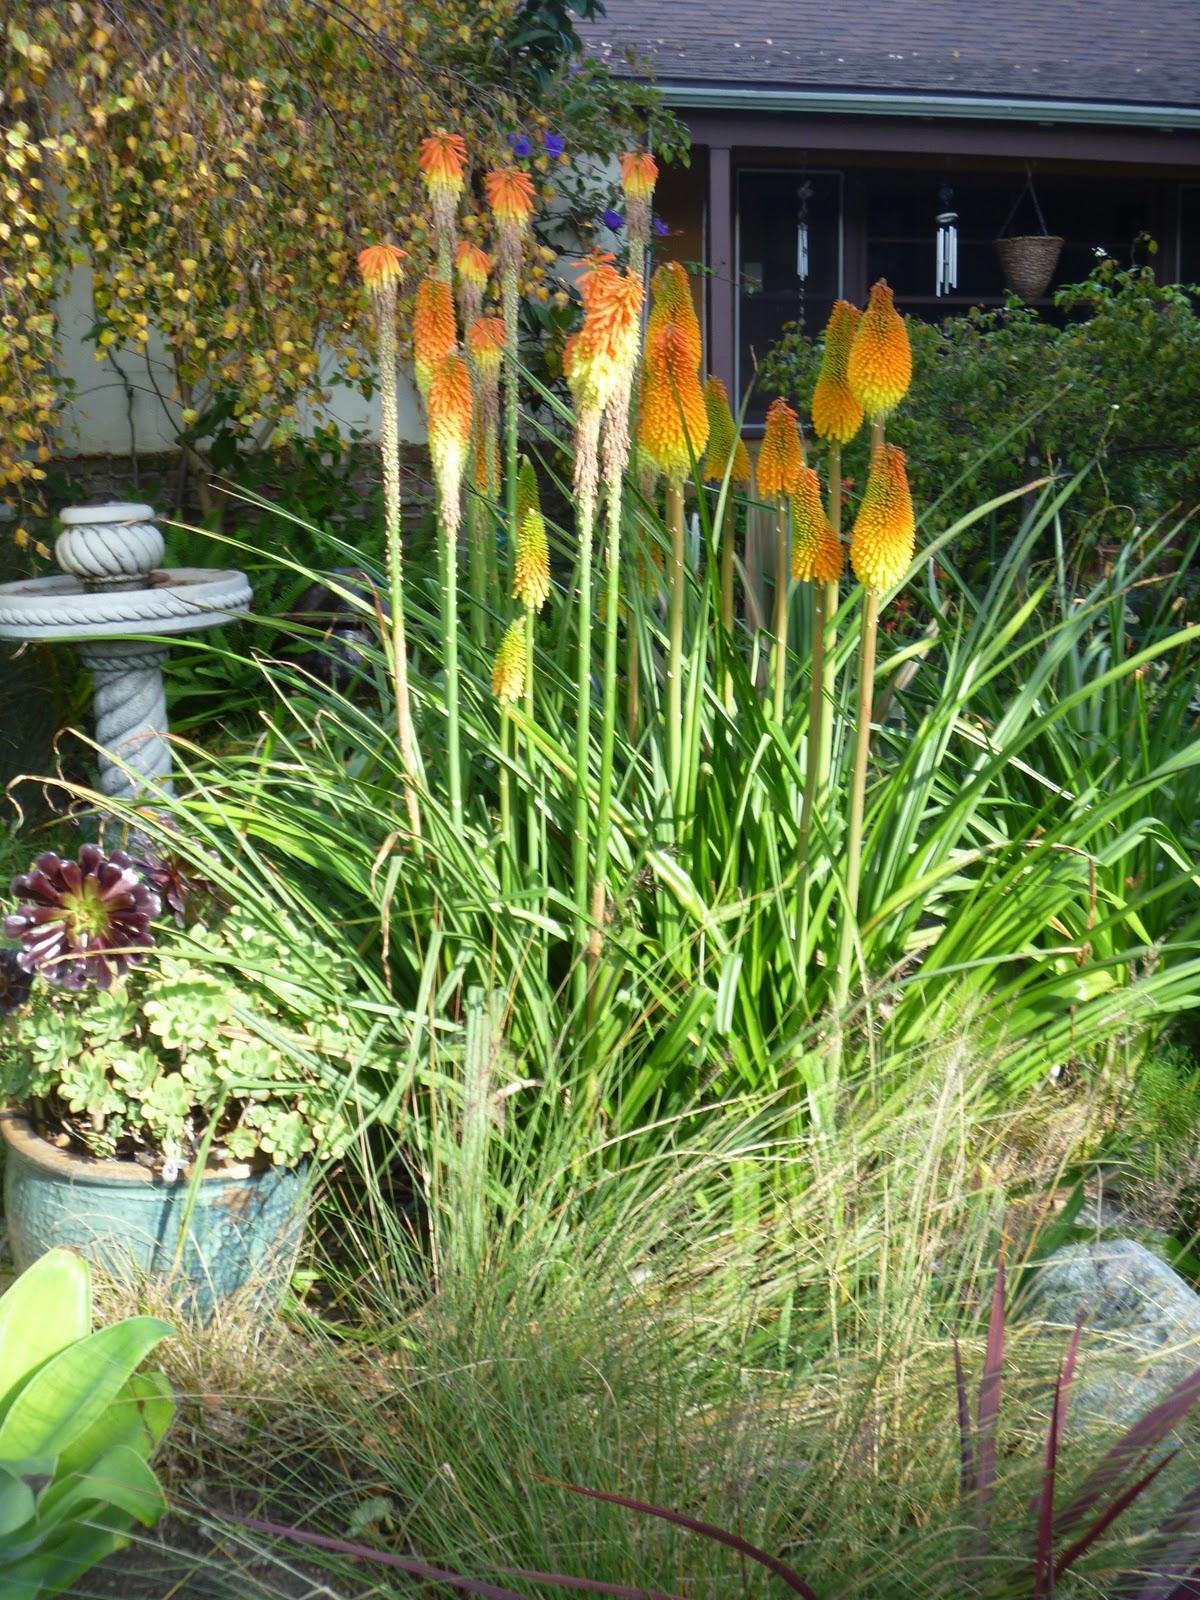 mar vista green garden showcase 2564 armacost avenue cluster 1